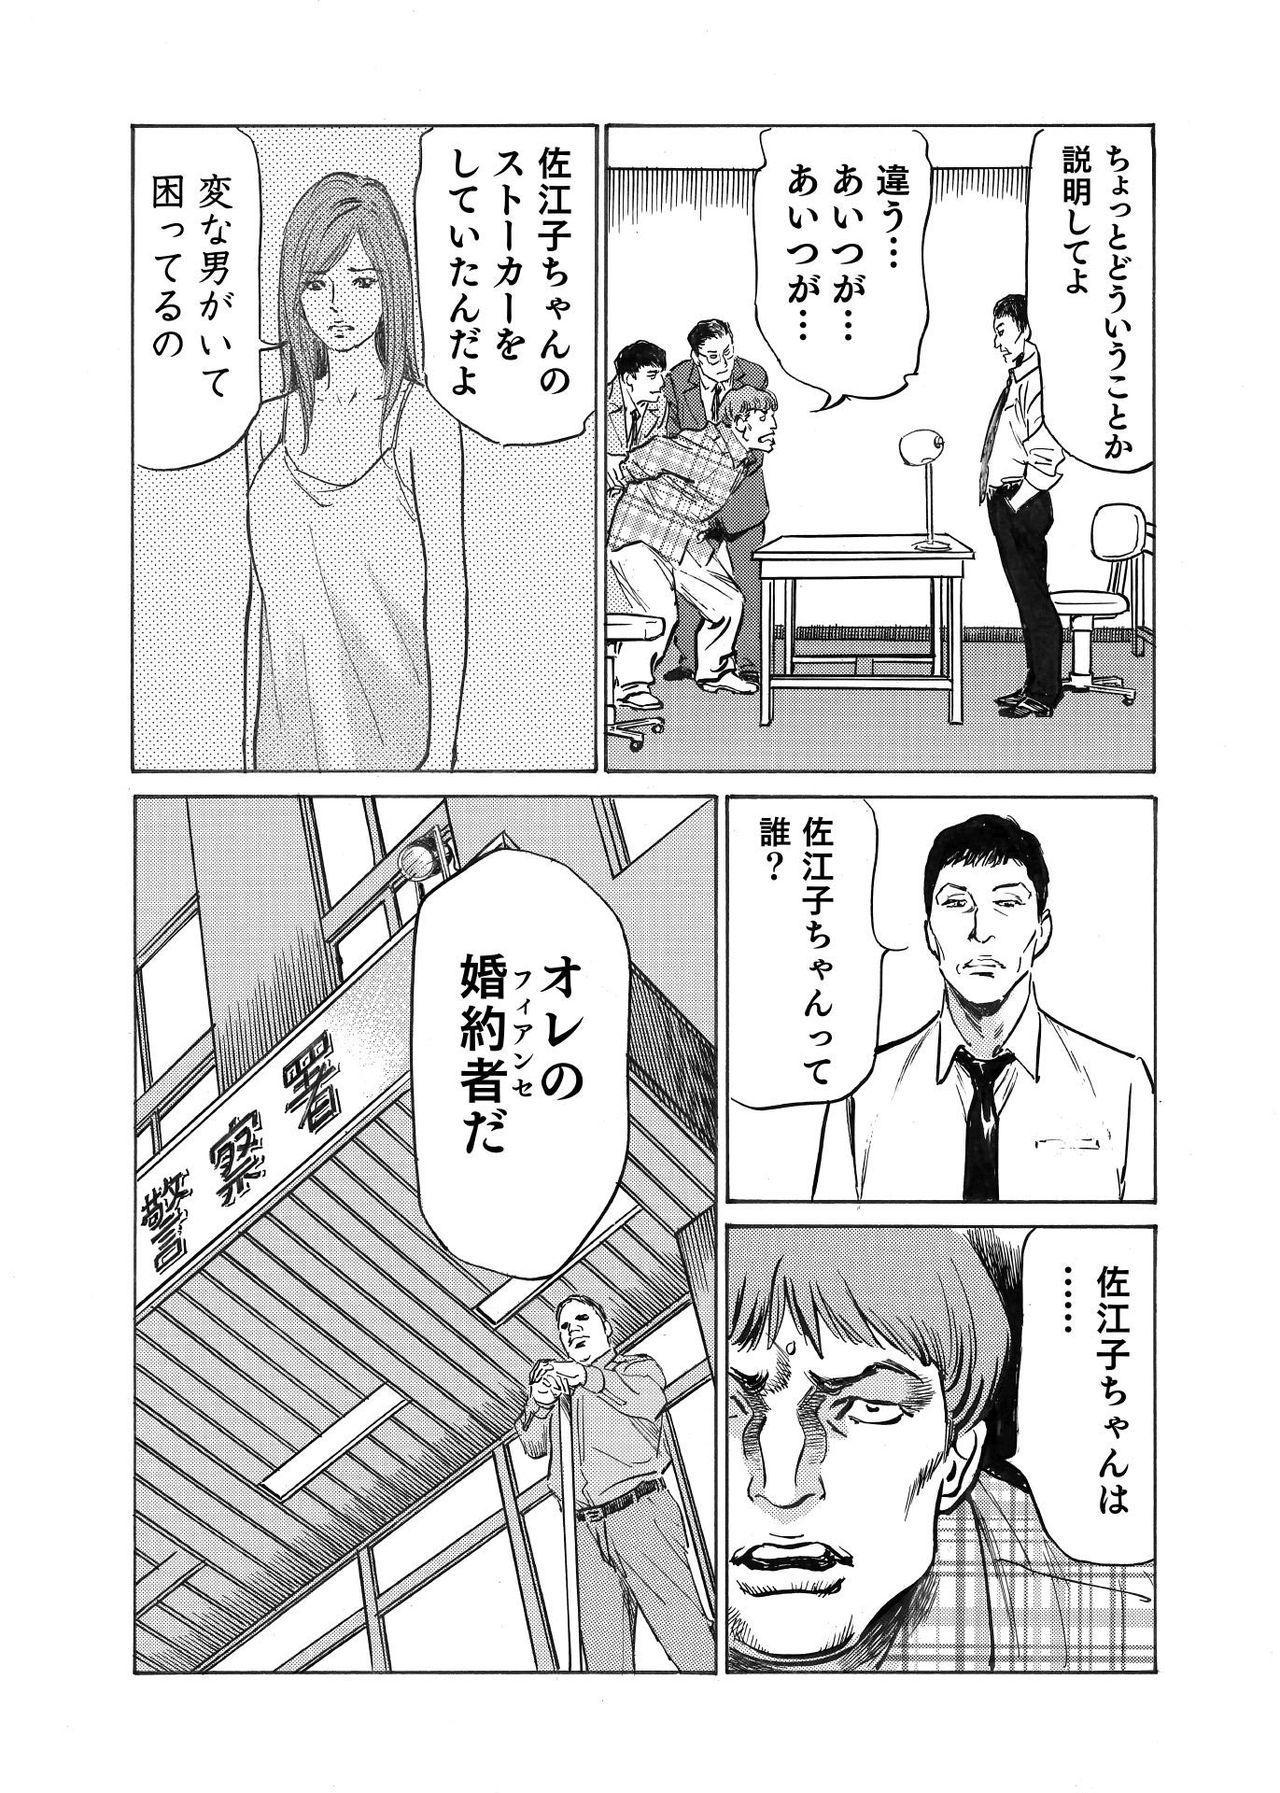 Ore wa Tsuma no Koto o Yoku Shiranai 1-9 76